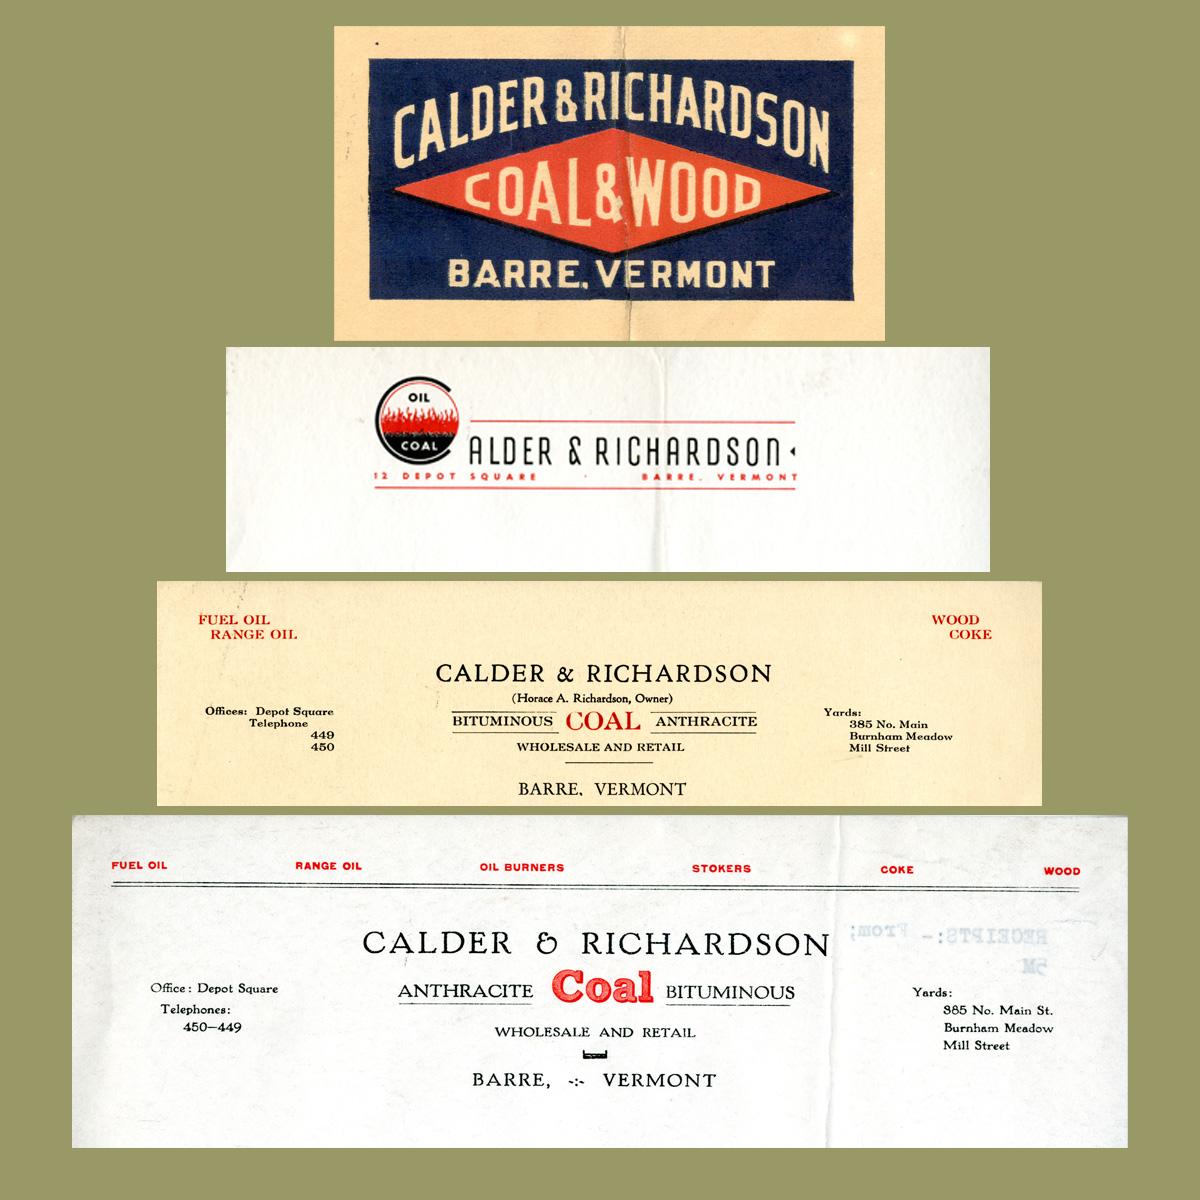 Calder & Richardson Logos